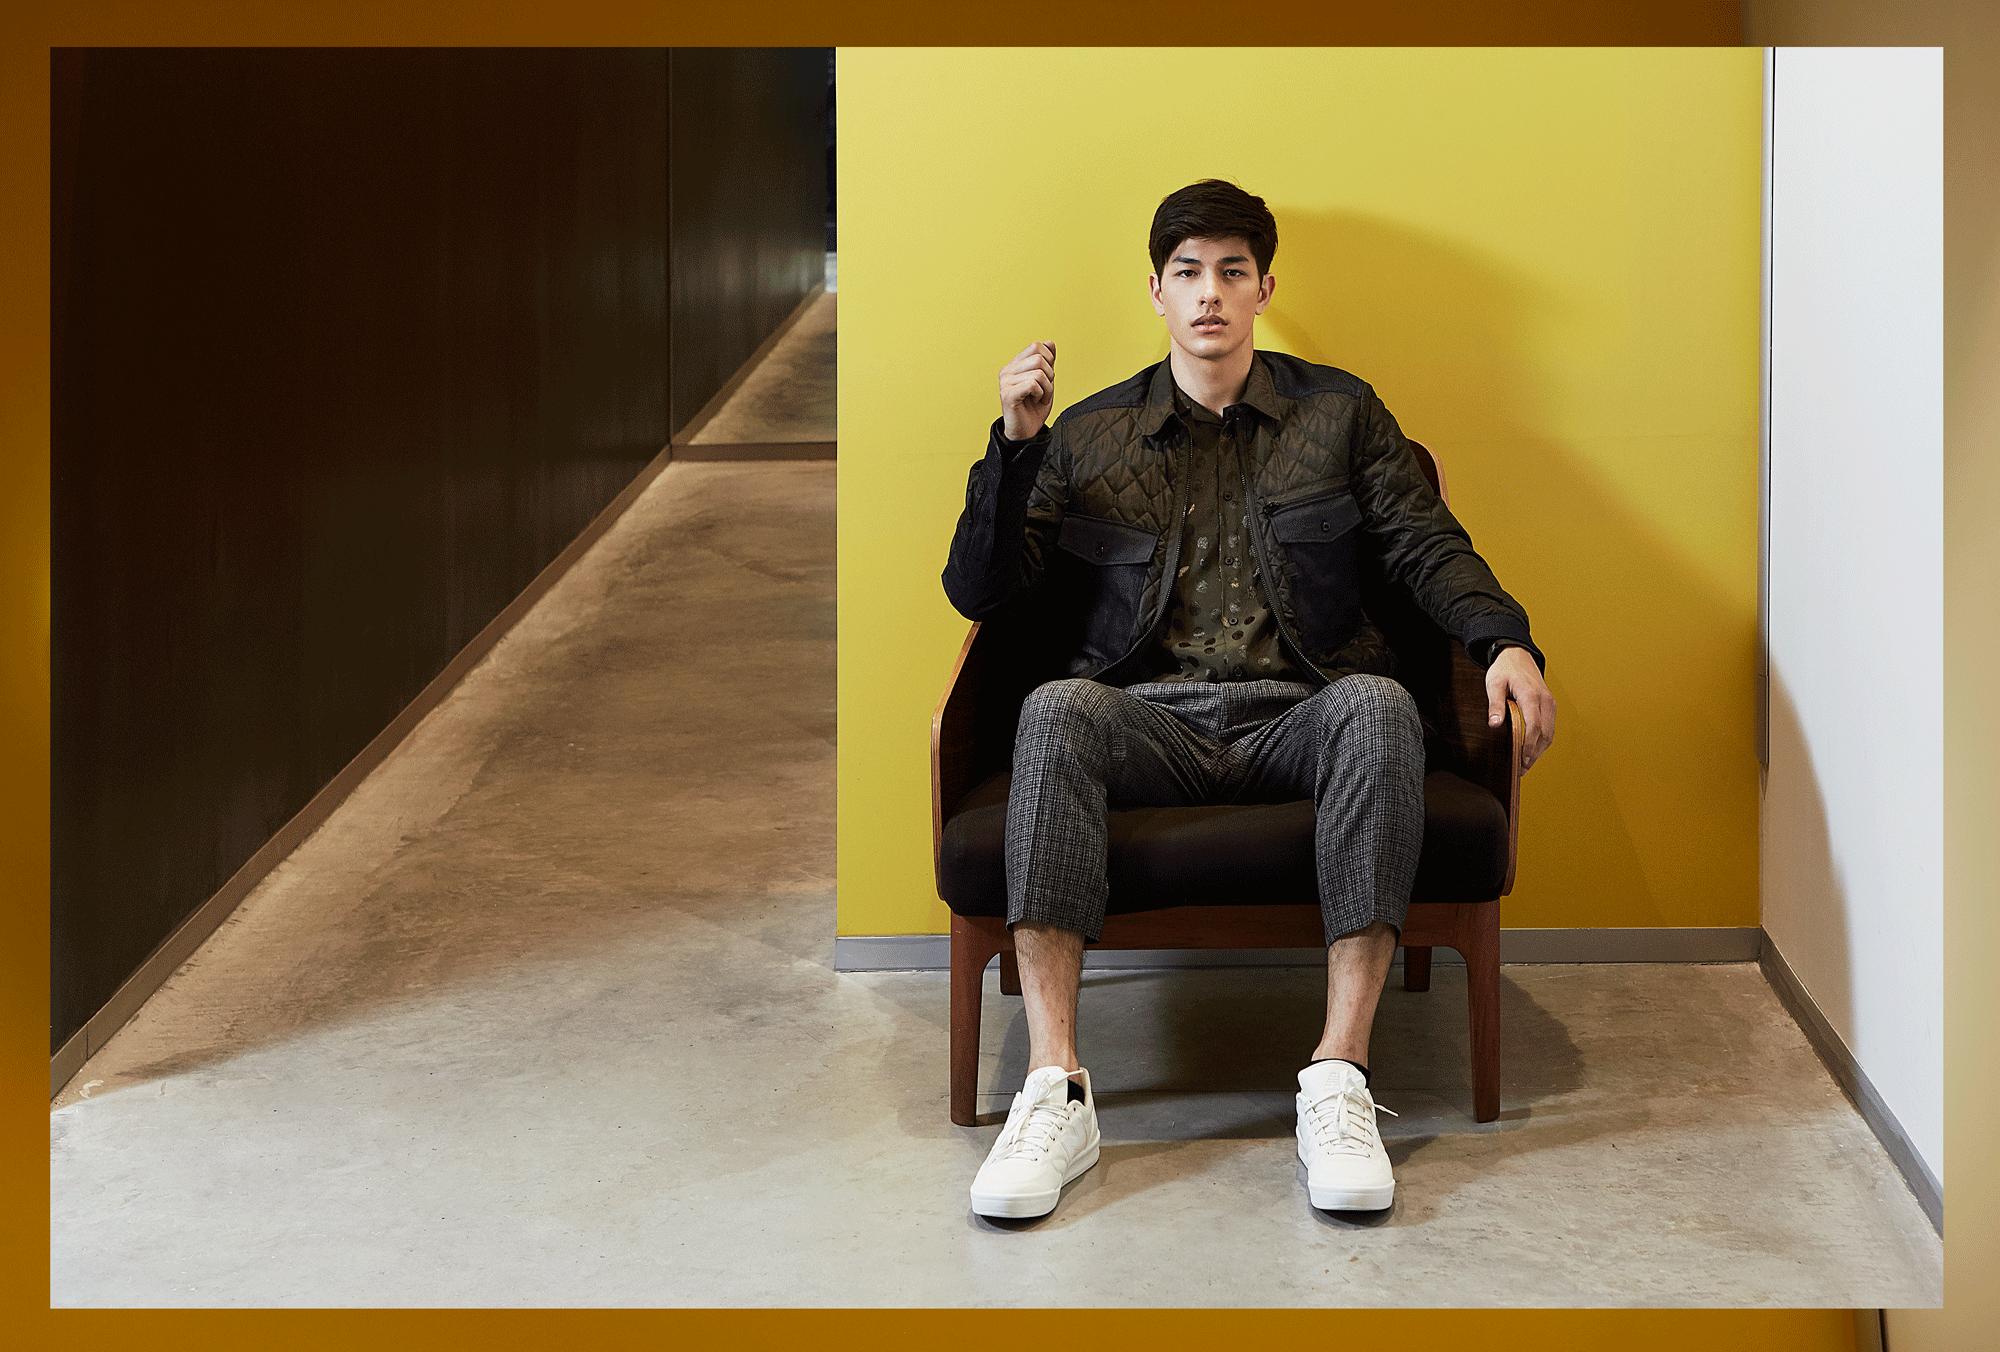 Shirt : TOPMAN / Jacket : EVISU / Sneakers : New Balance